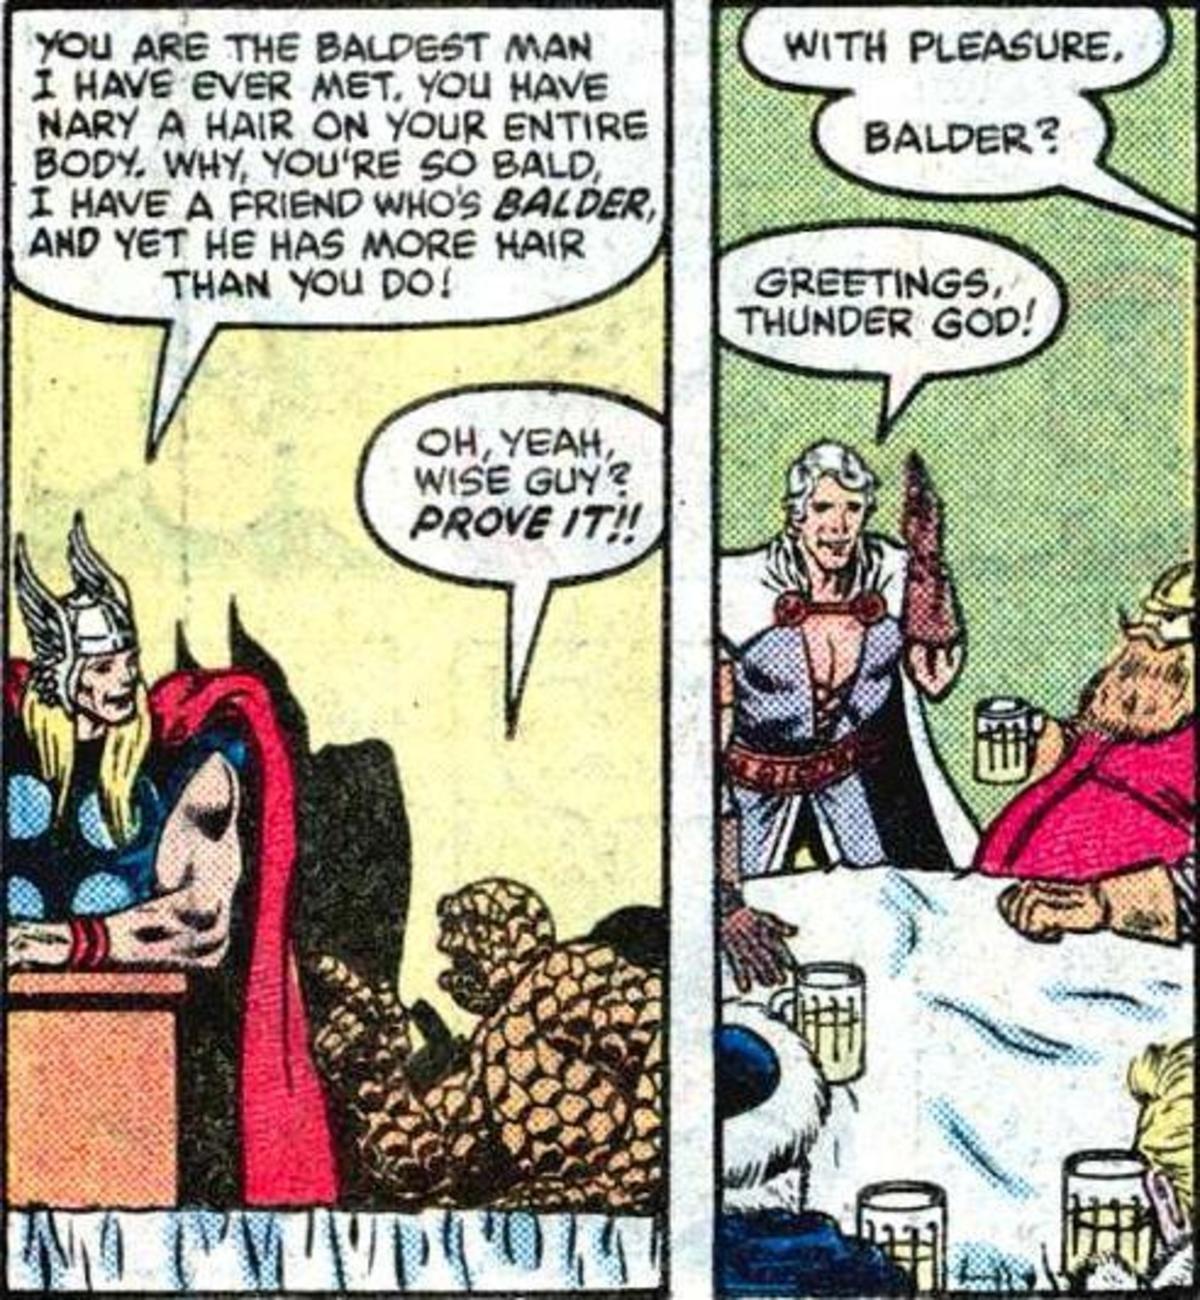 Thor trigger mentionlist cartoonsandlolis 4f5e62 6636896